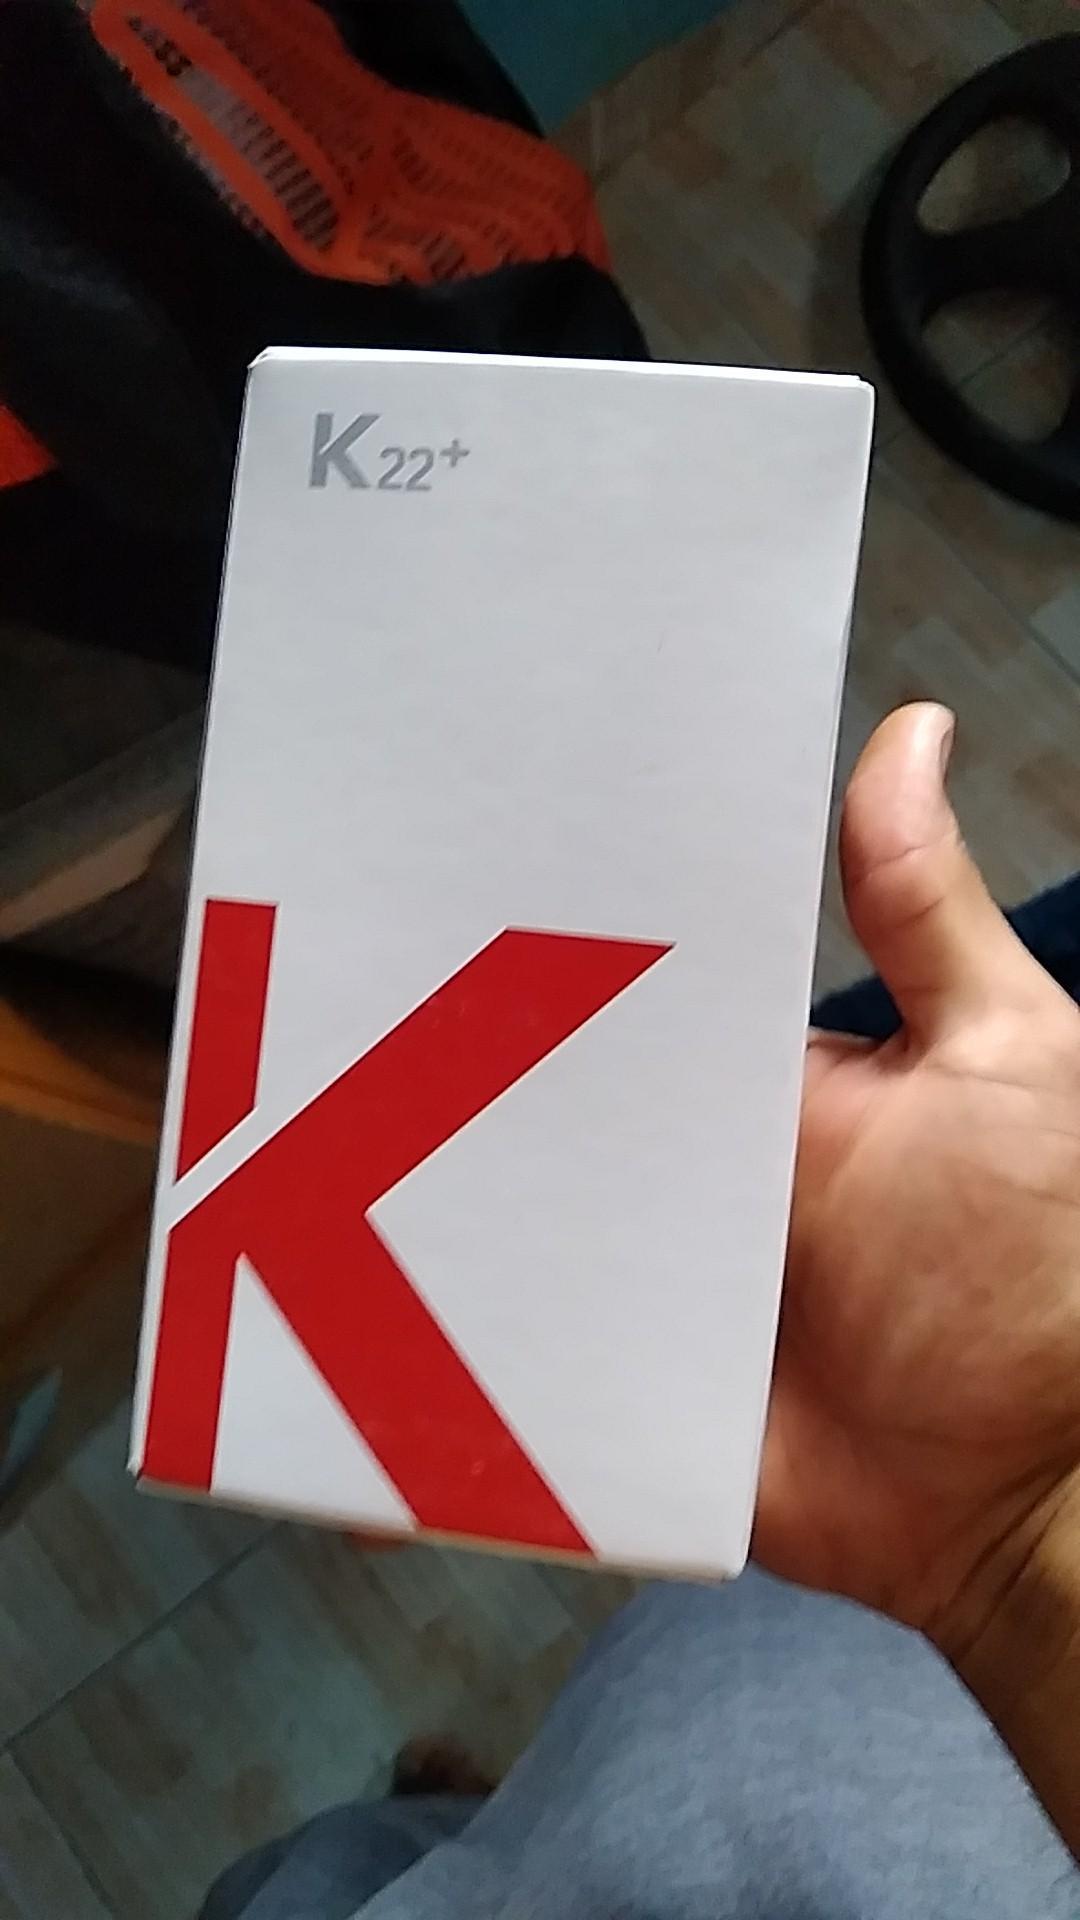 LG k22+ 64gb